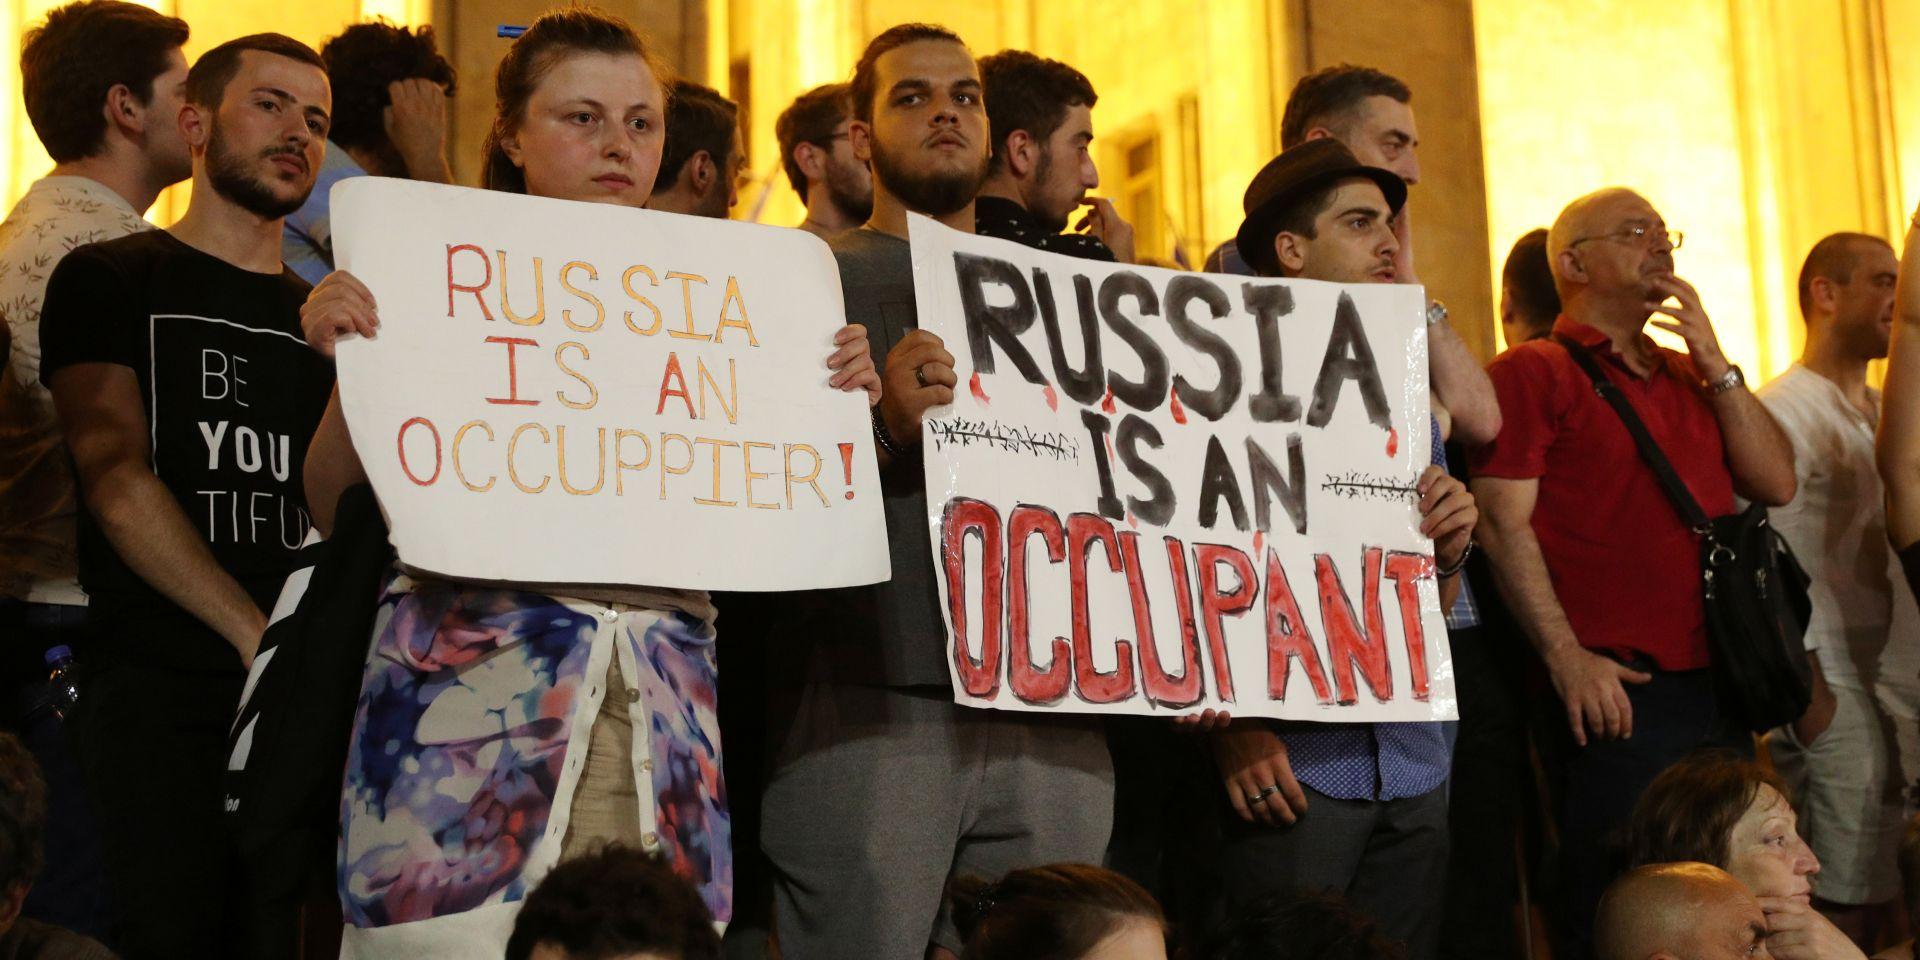 Грузин отчитали за агрессивное поведение в адрес российских туристов